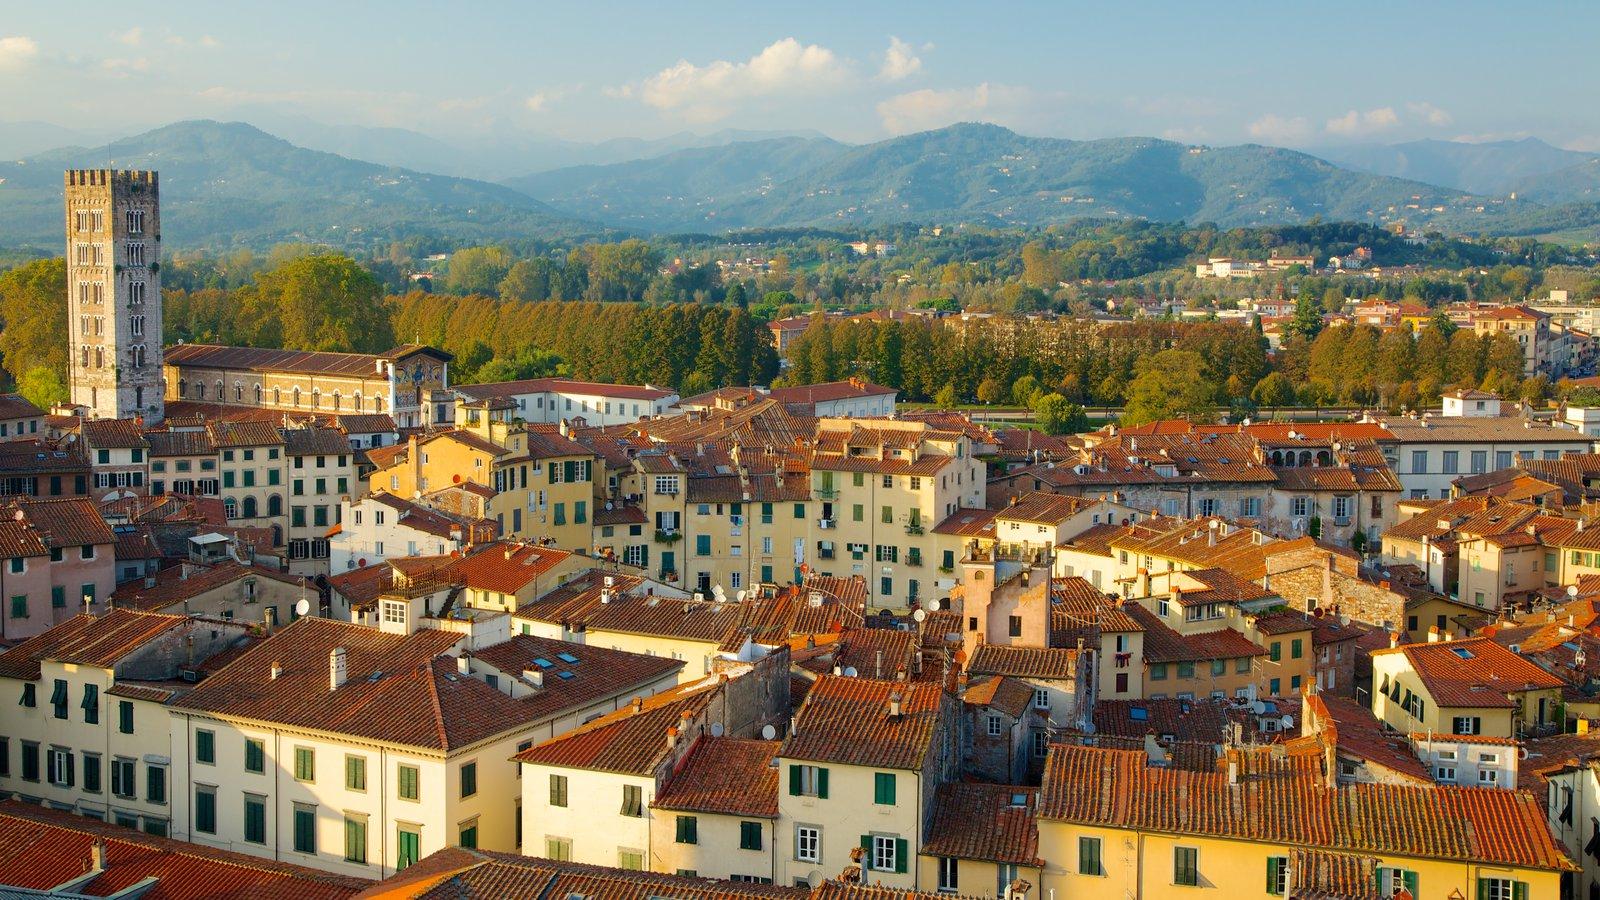 Torre Guinigi mostrando arquitetura de patrimônio e uma cidade